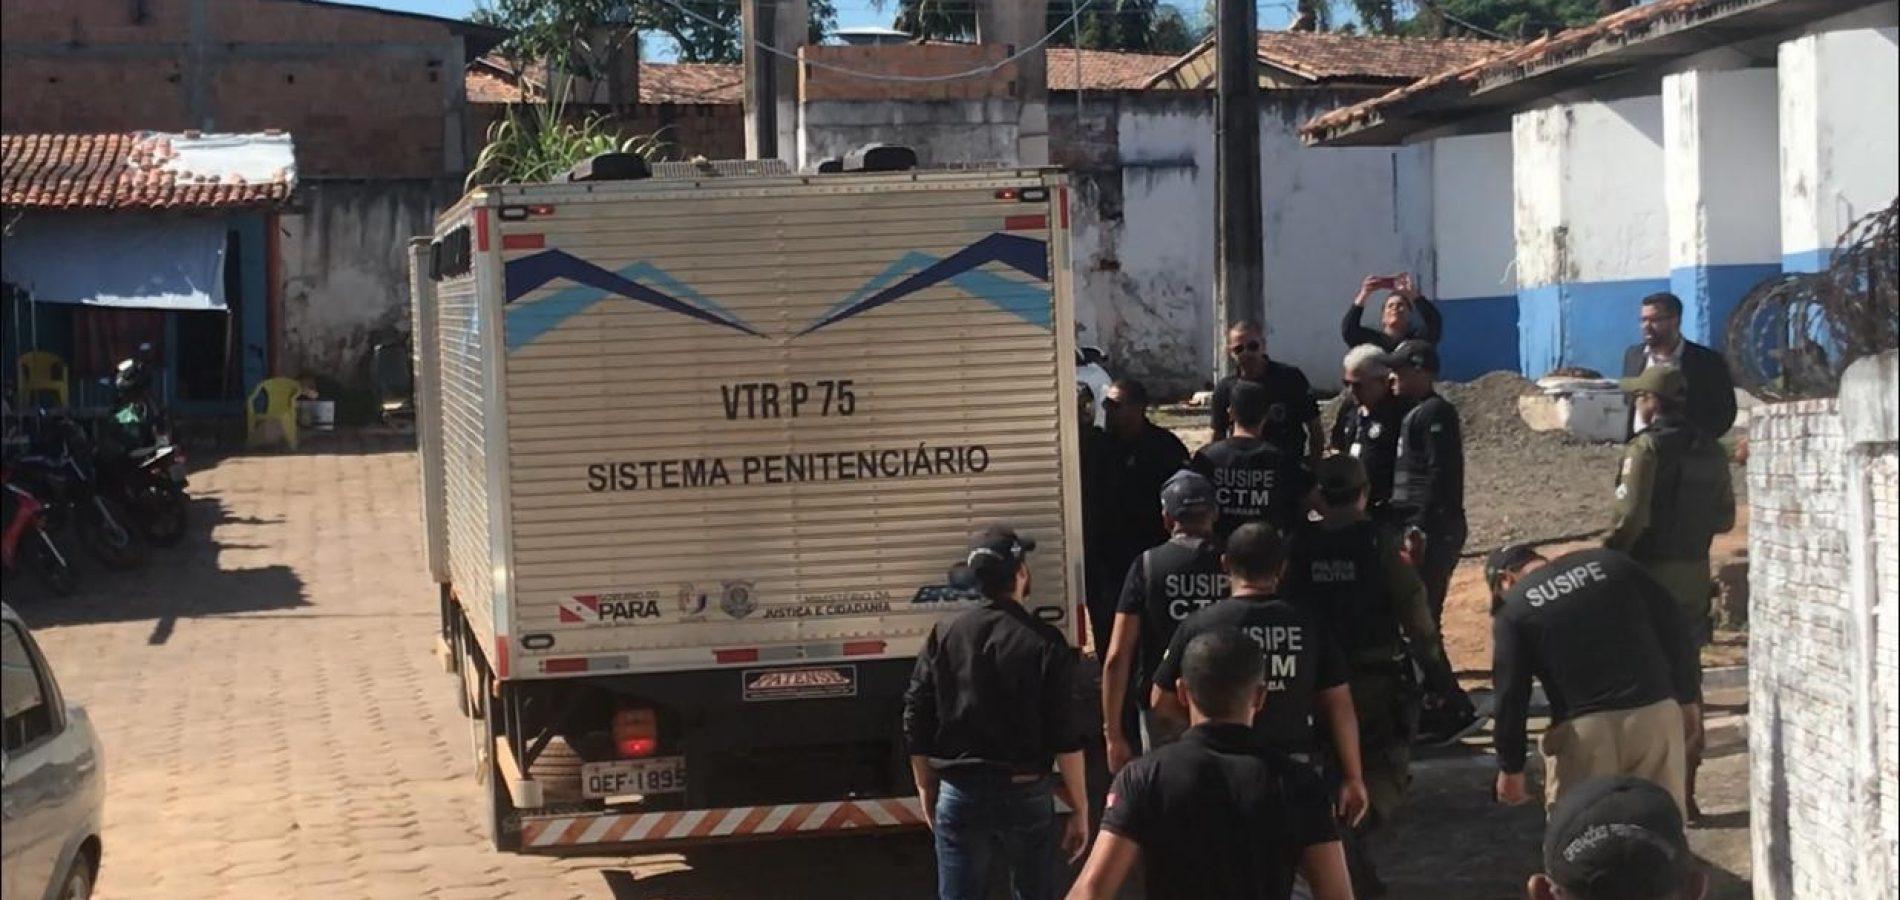 Agentes penitenciários do Piauí vão conter crise no Pará após massacre com 58 mortos